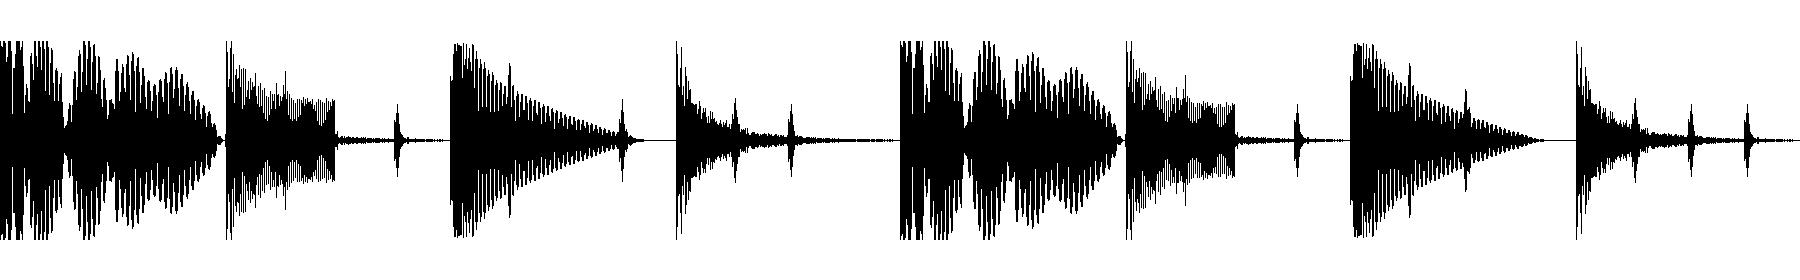 electro kit loop